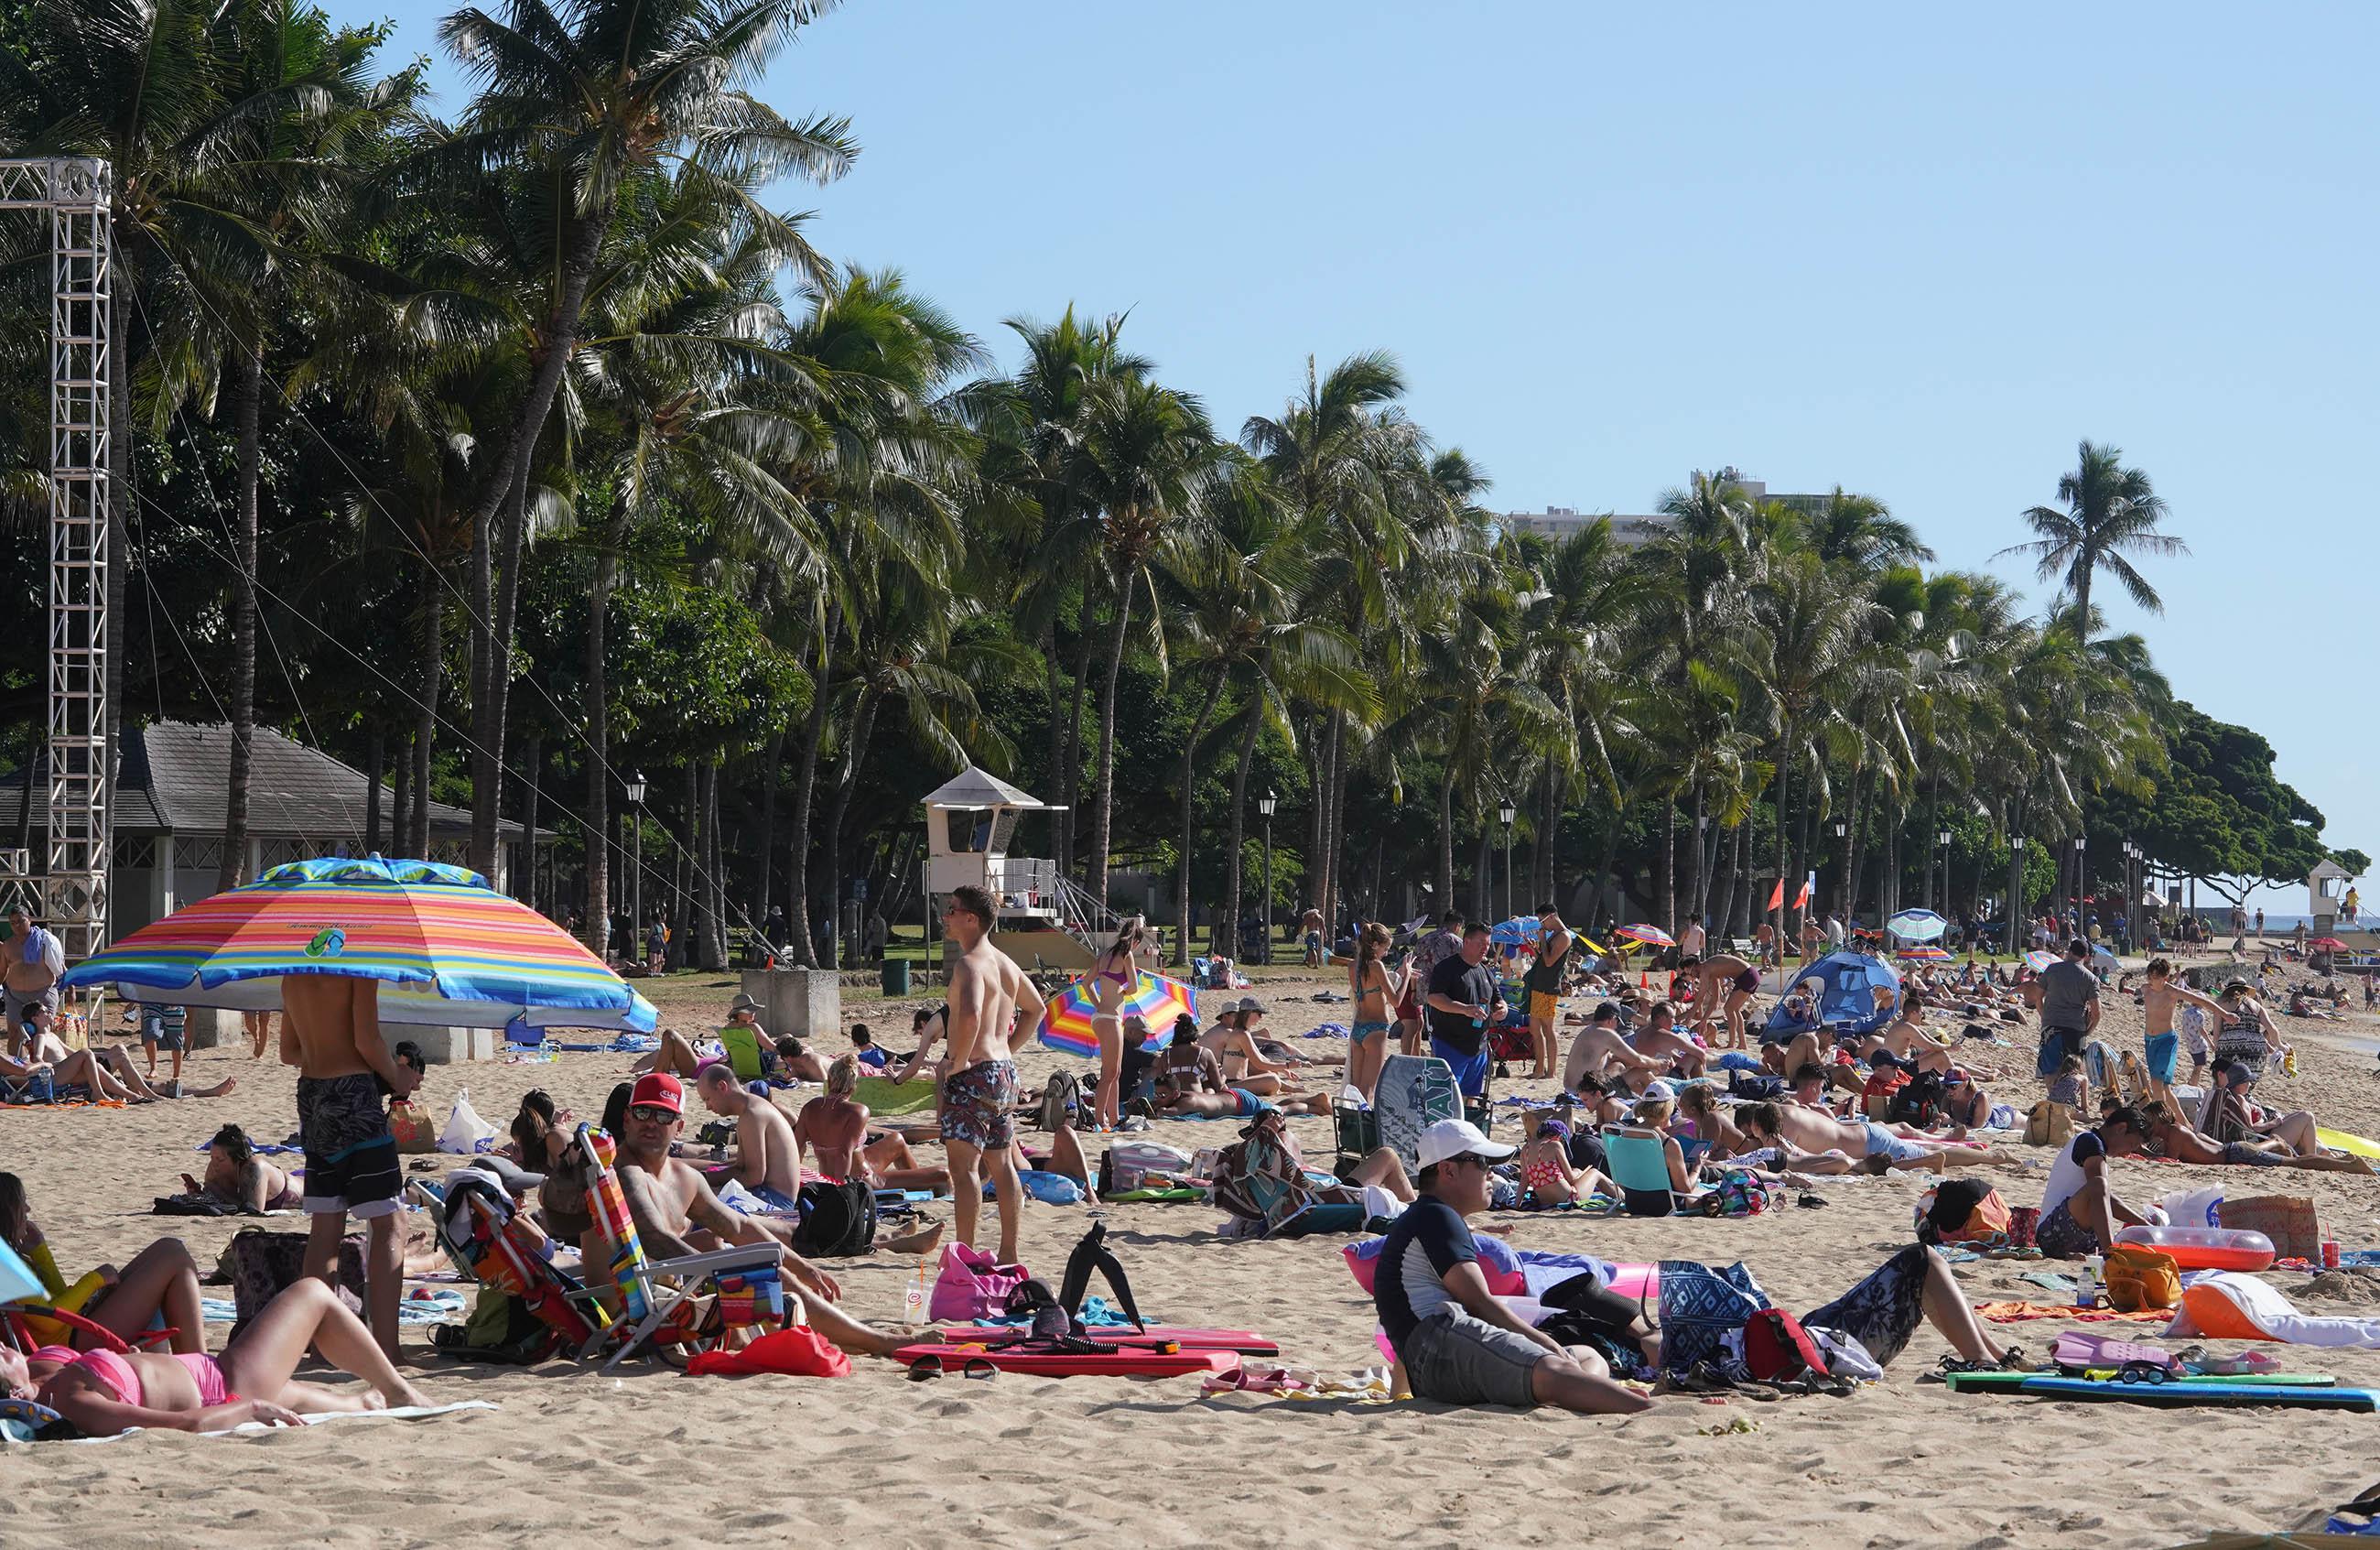 Visitors at Waikiki Beach near the Kapahulu groin.